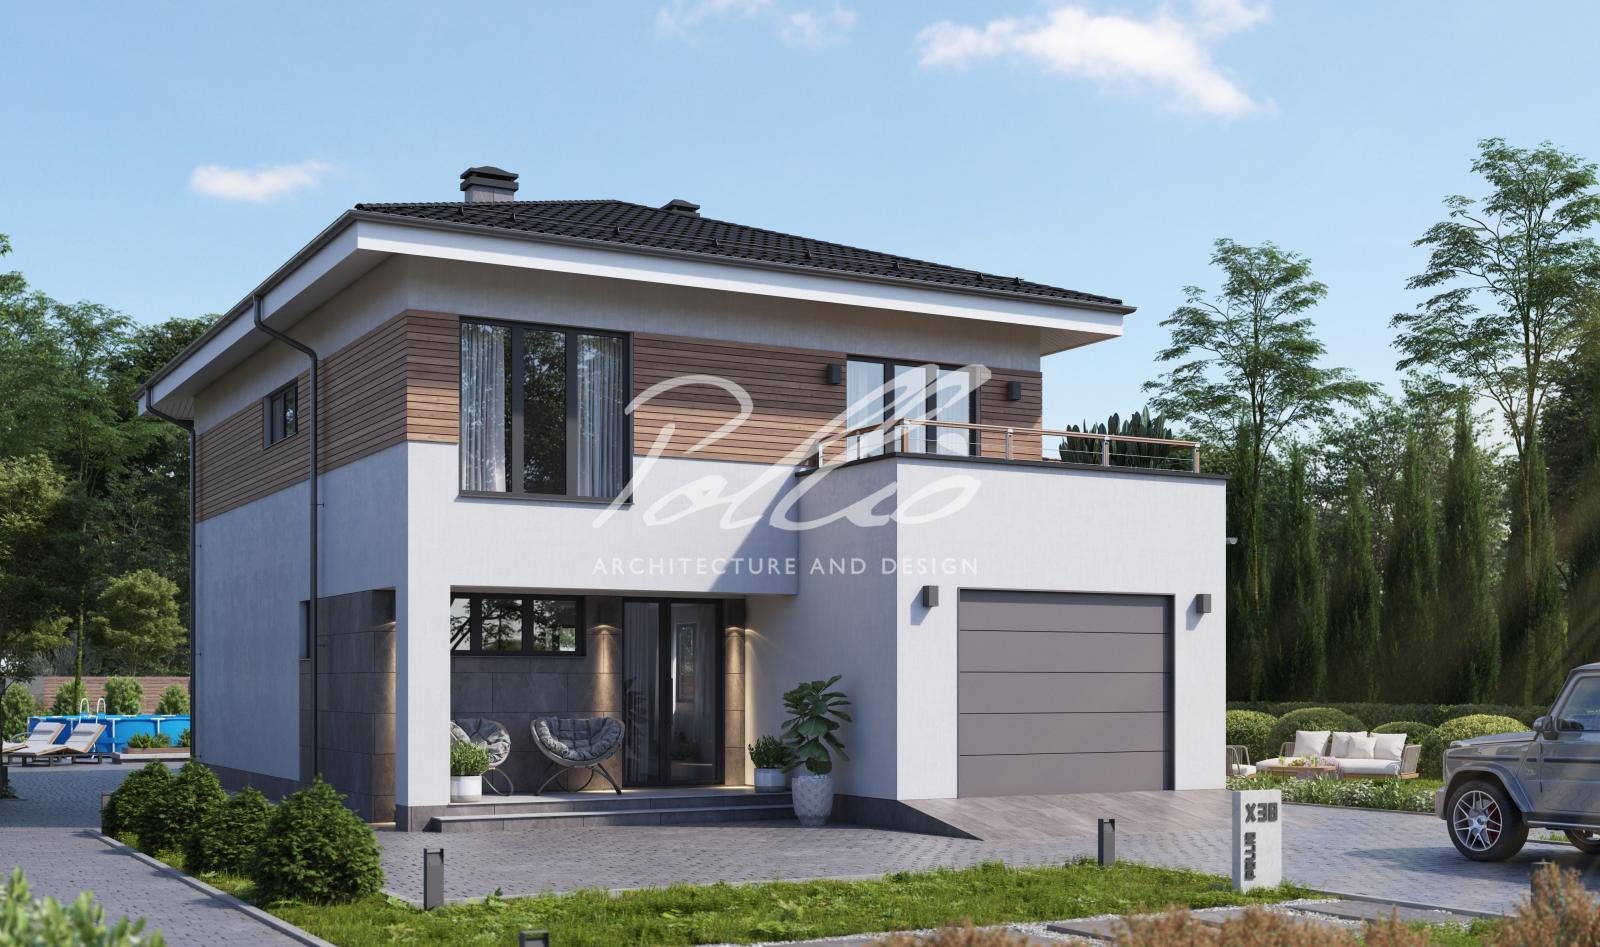 X38 Европейский проект двухэтажного дома фото 0